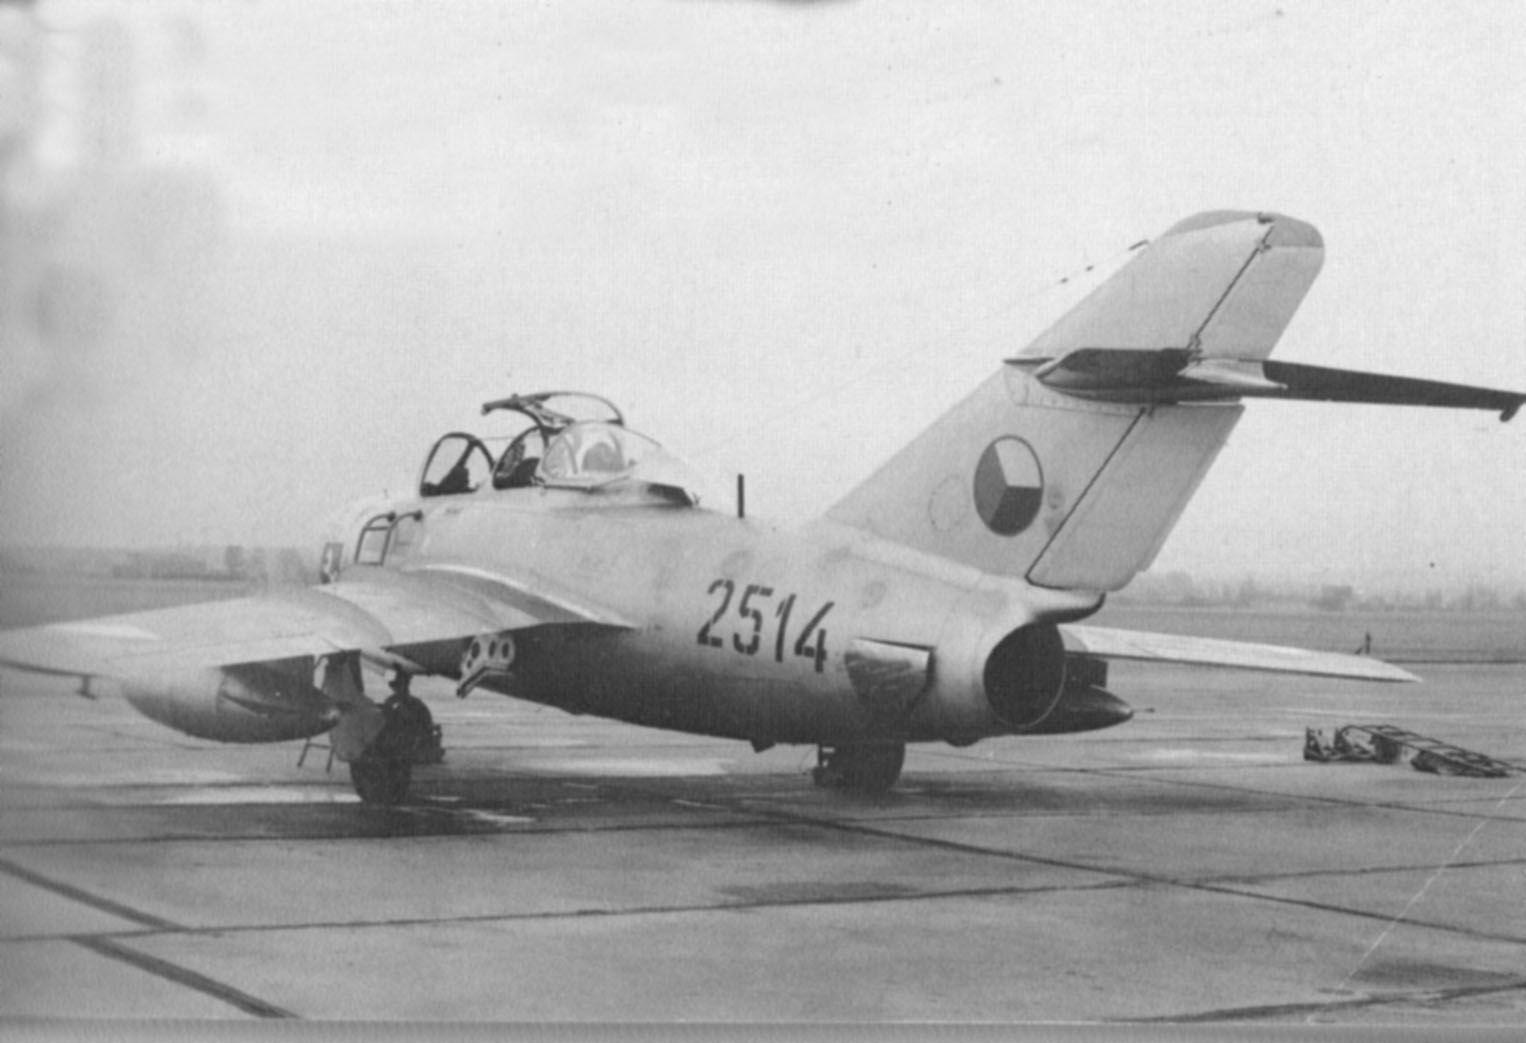 """Mig-15UTI """"Mignet""""2514 CzAF Pilot, Aircraft, Plane, Pilots,"""